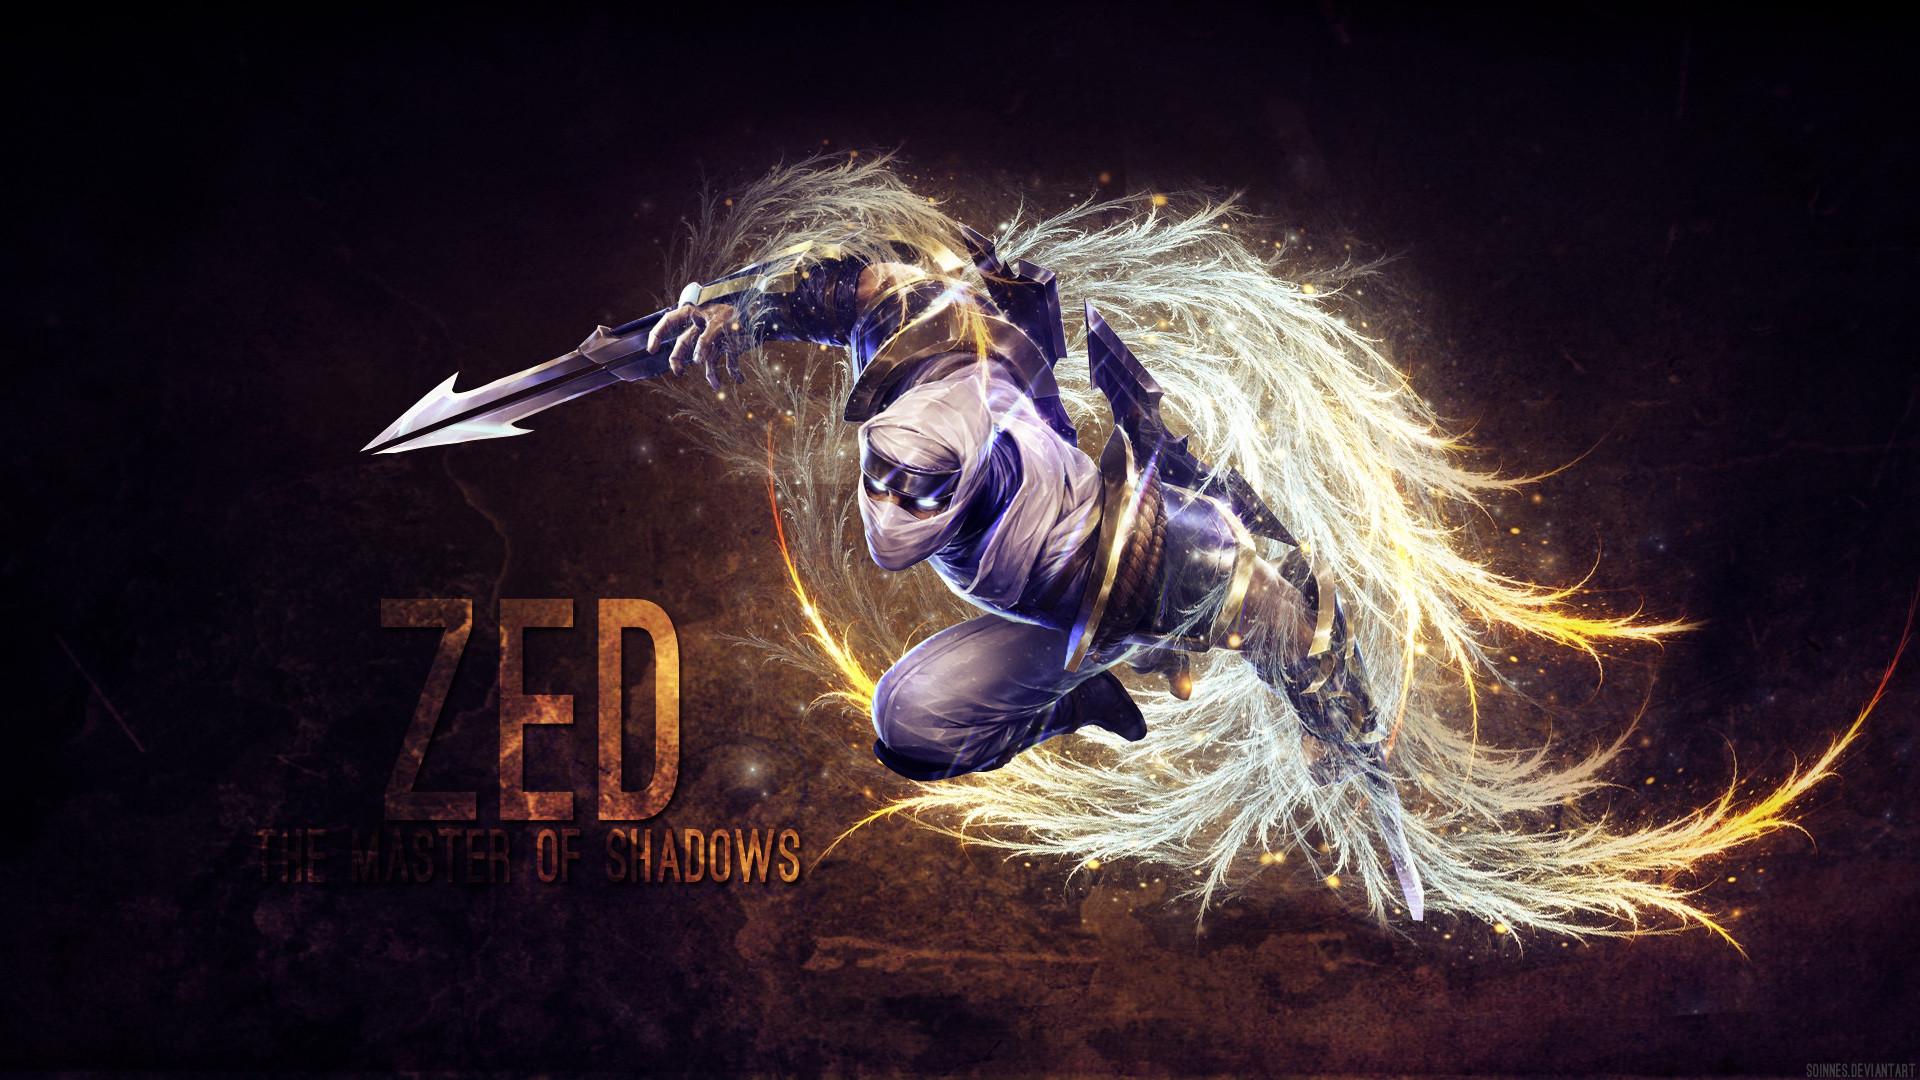 Zed by Soinnes (3) League of Legends Artwork Wallpaper lol